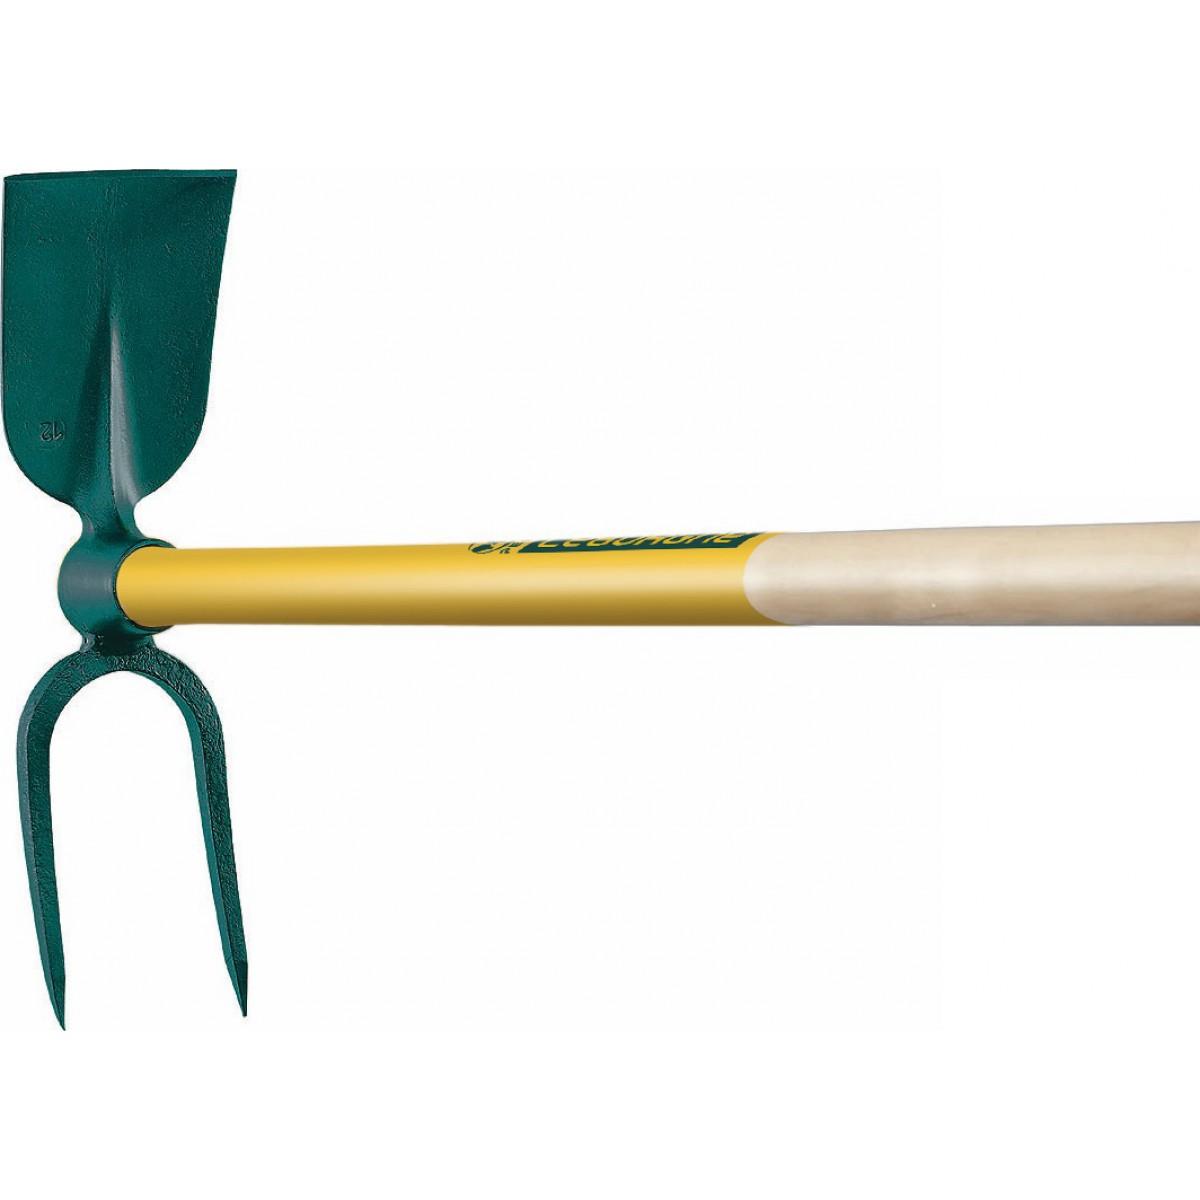 Serfouette panne et fourche à vigne Leborgne - Emmanché 1,10 m